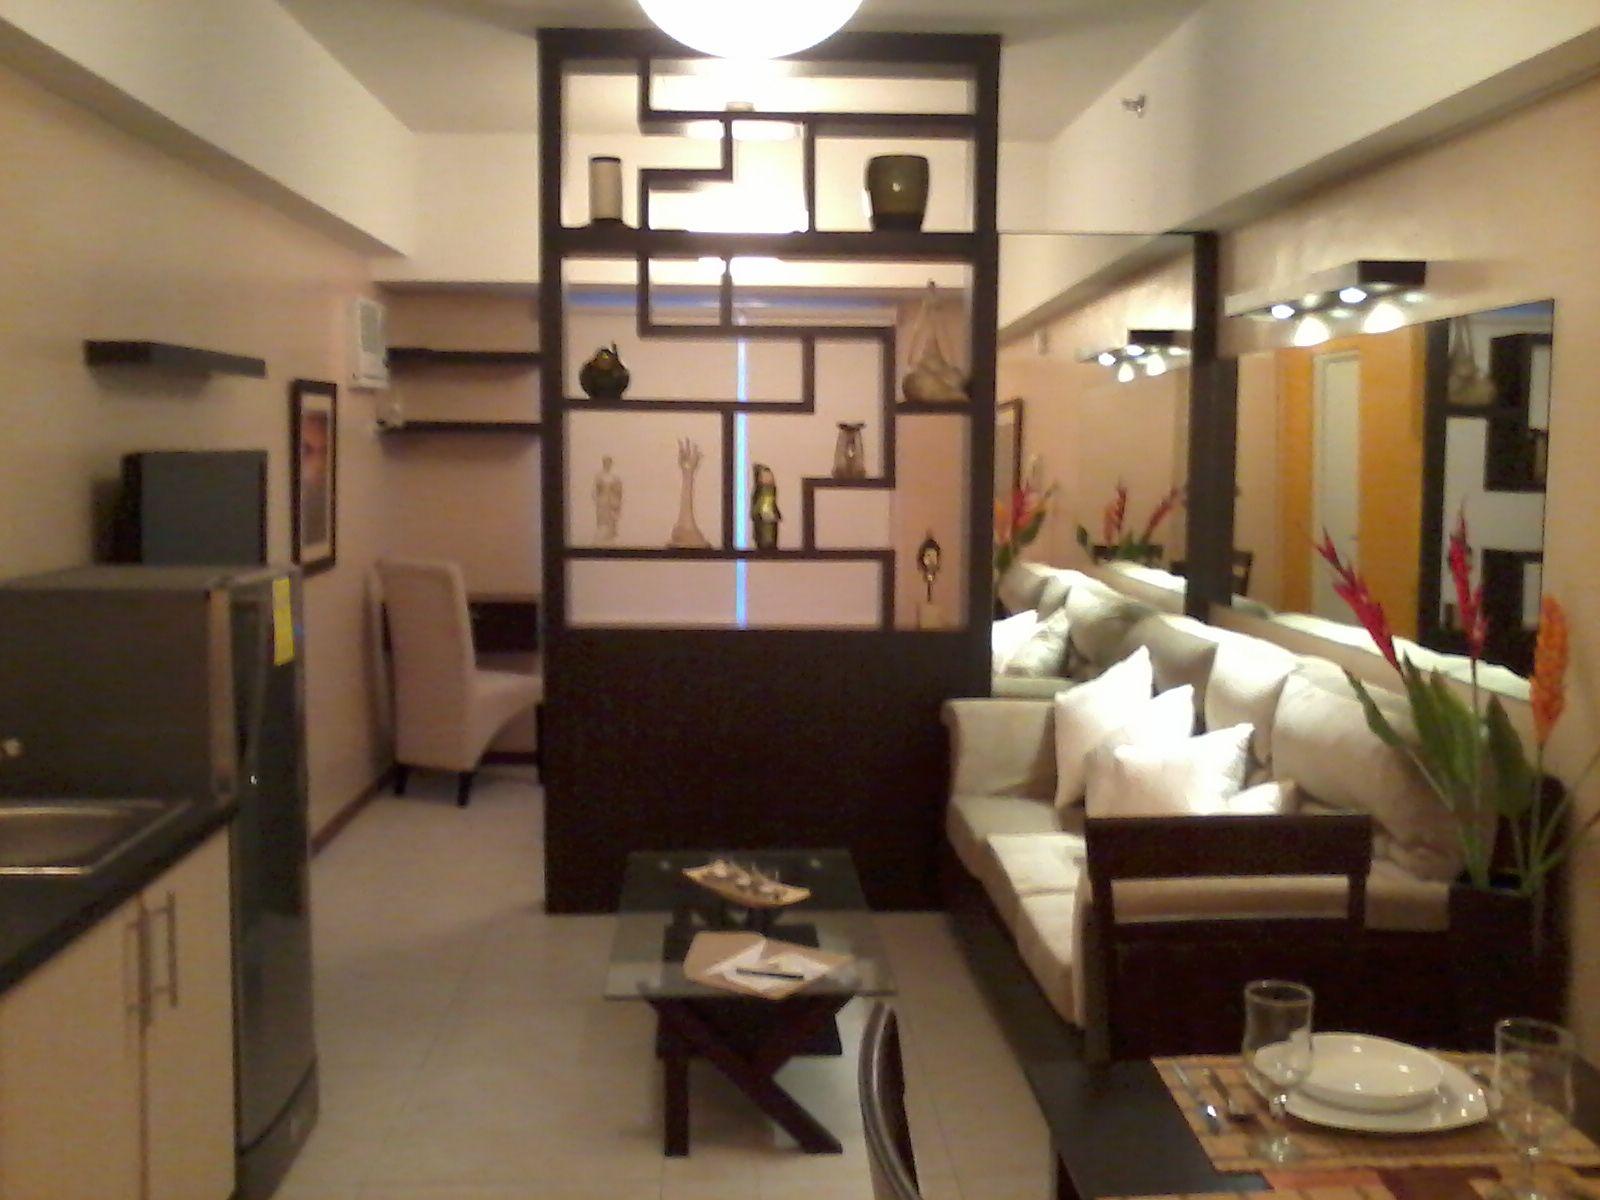 Modern Interior Design Philippines Favorite Small Condo Condo Interior Design House Interior Design Living Room Simple Living Room Designs